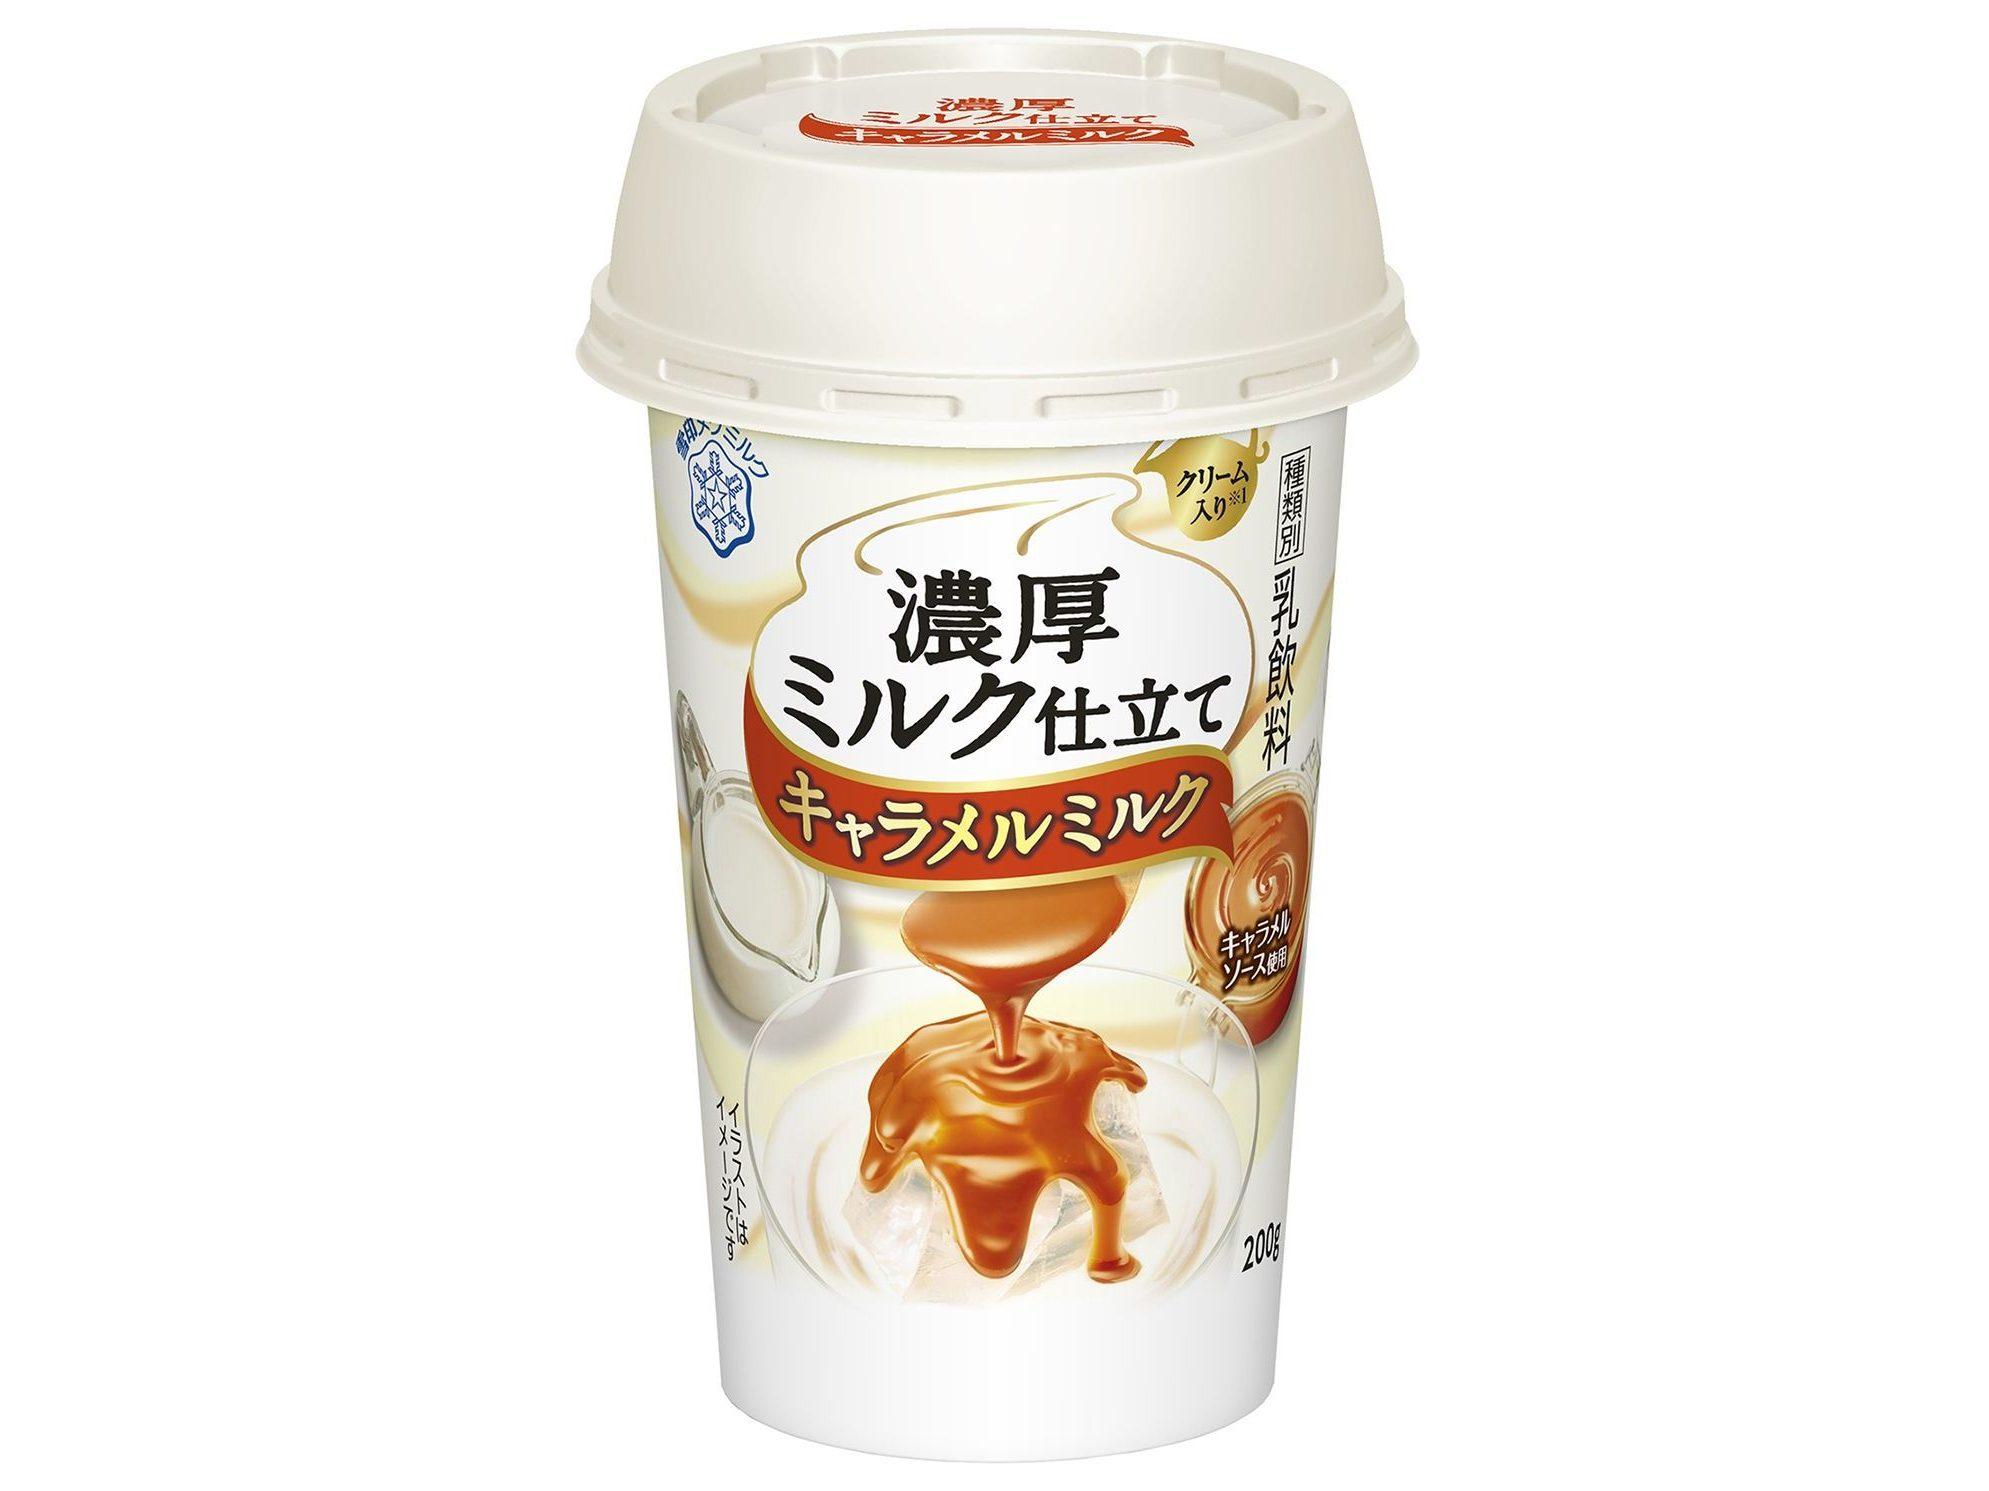 濃厚ミルク仕立て キャラメルミルク